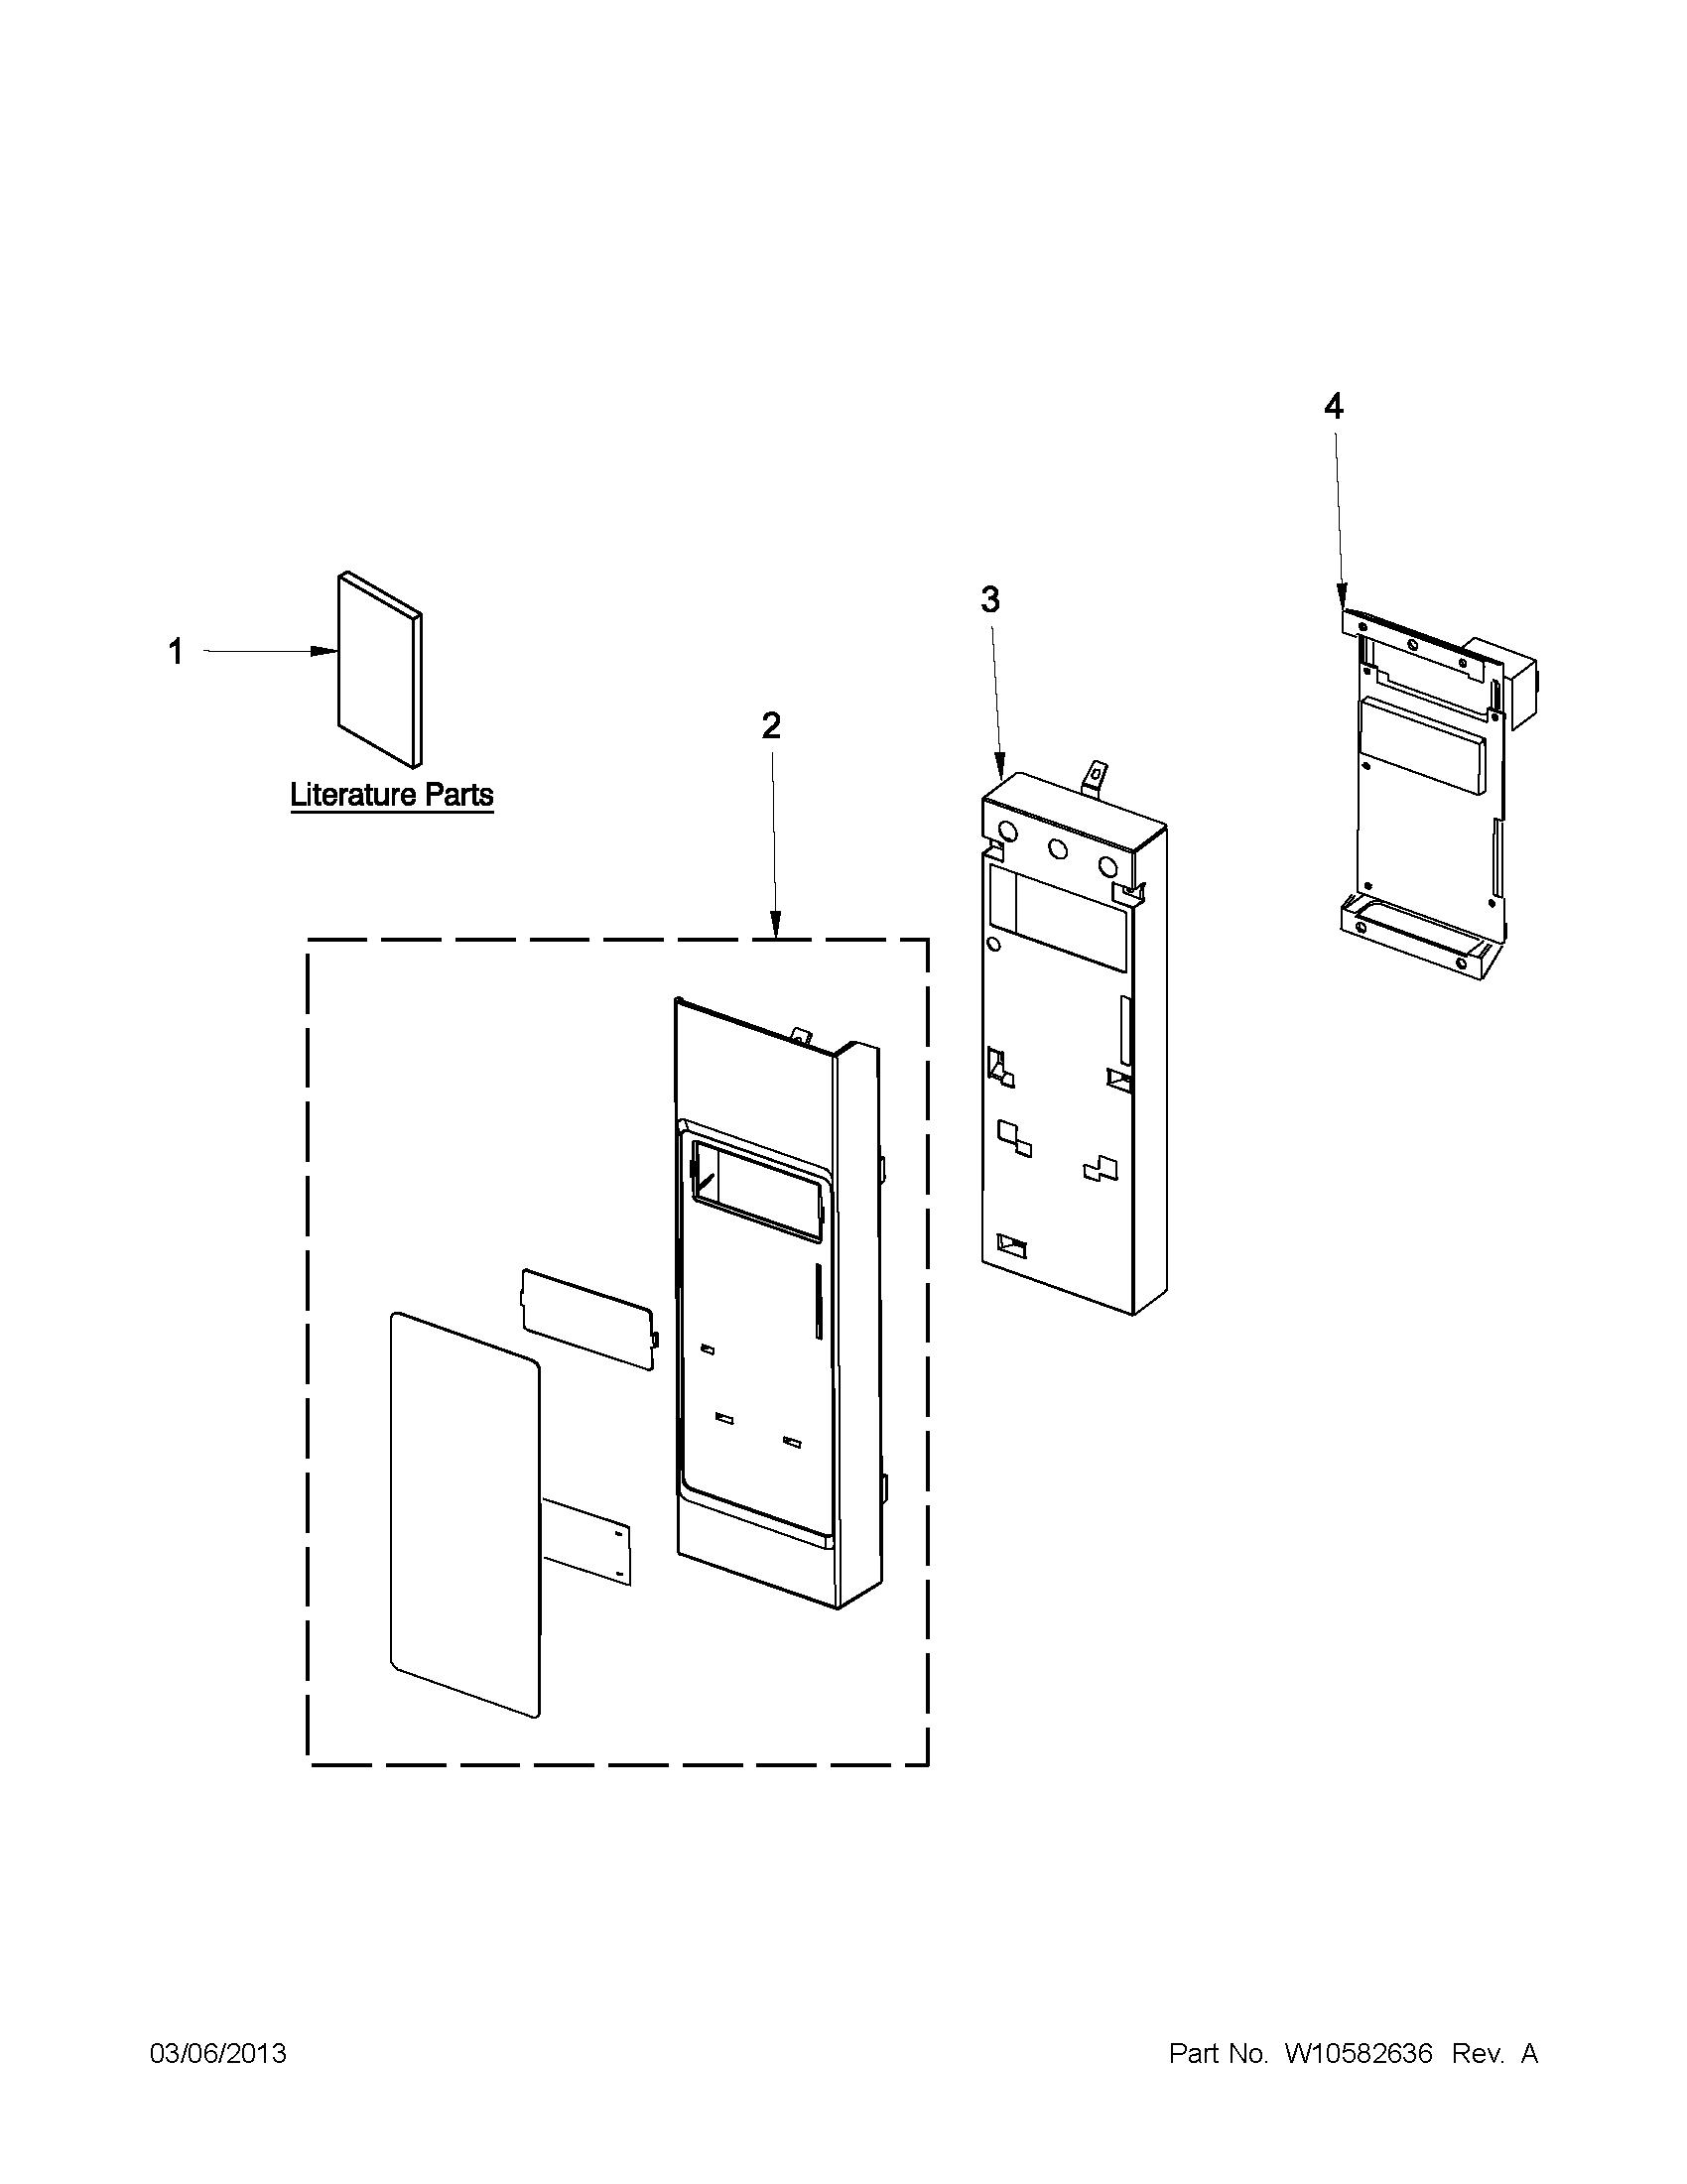 whirlpool microwave hood combination manual